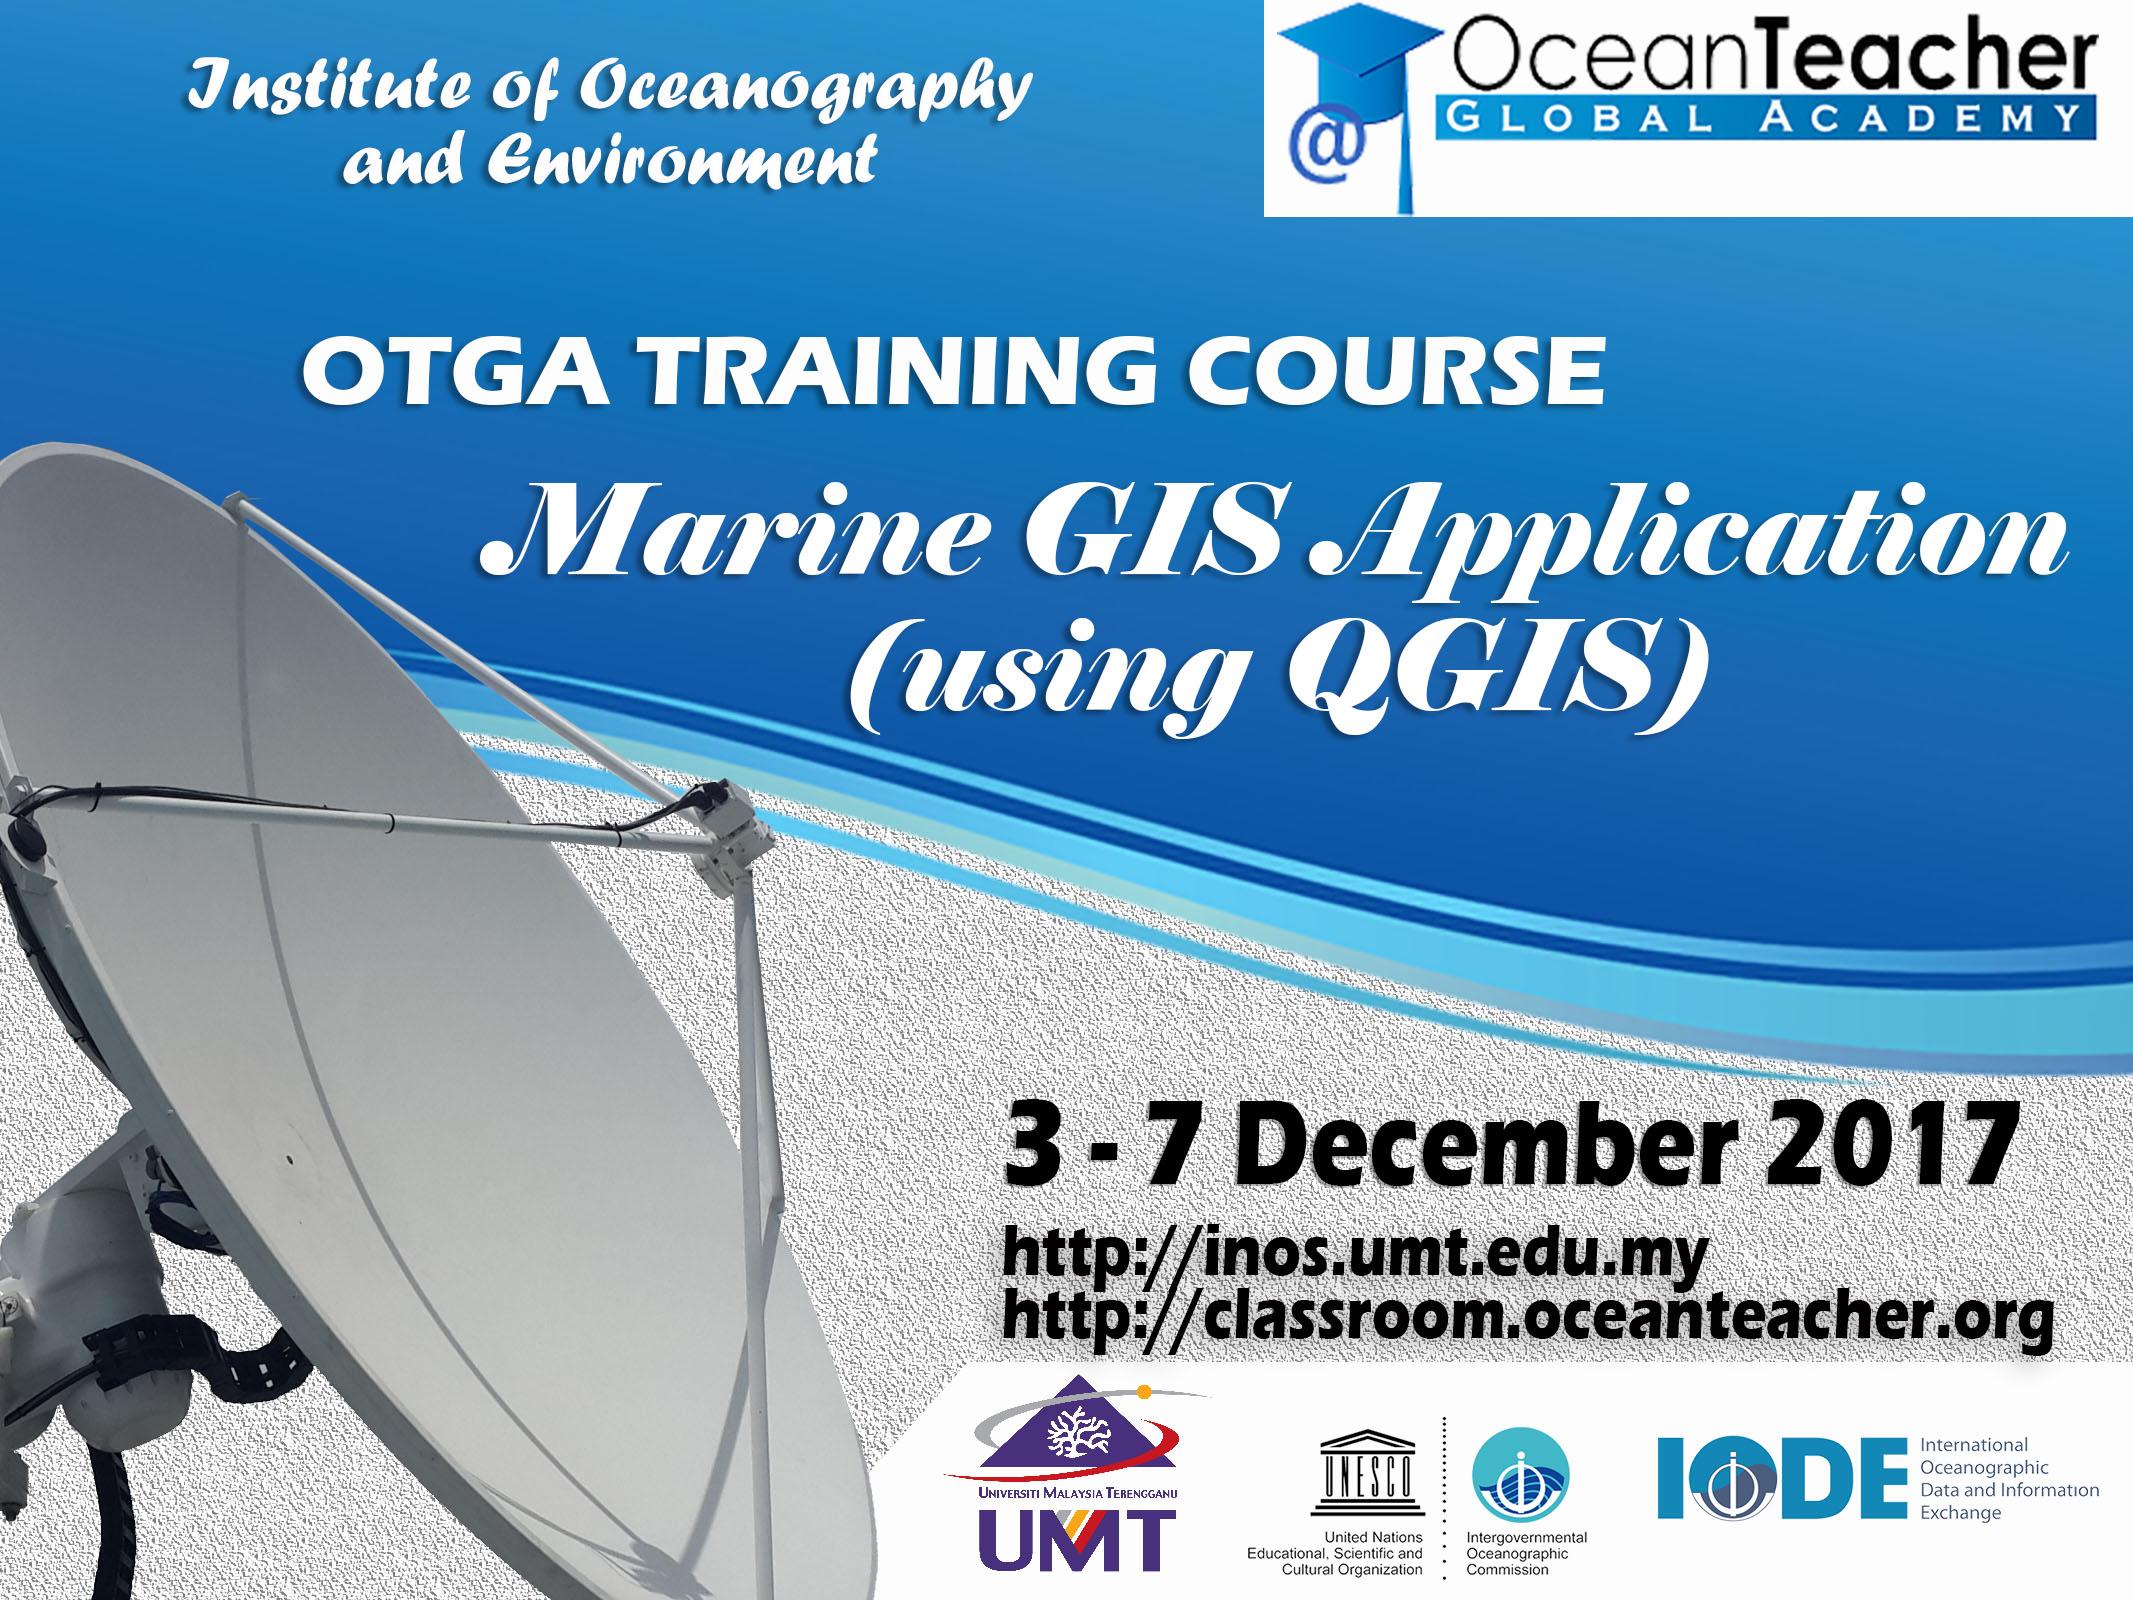 OTGA Training Course: Marine GIS Applications (using QGIS)